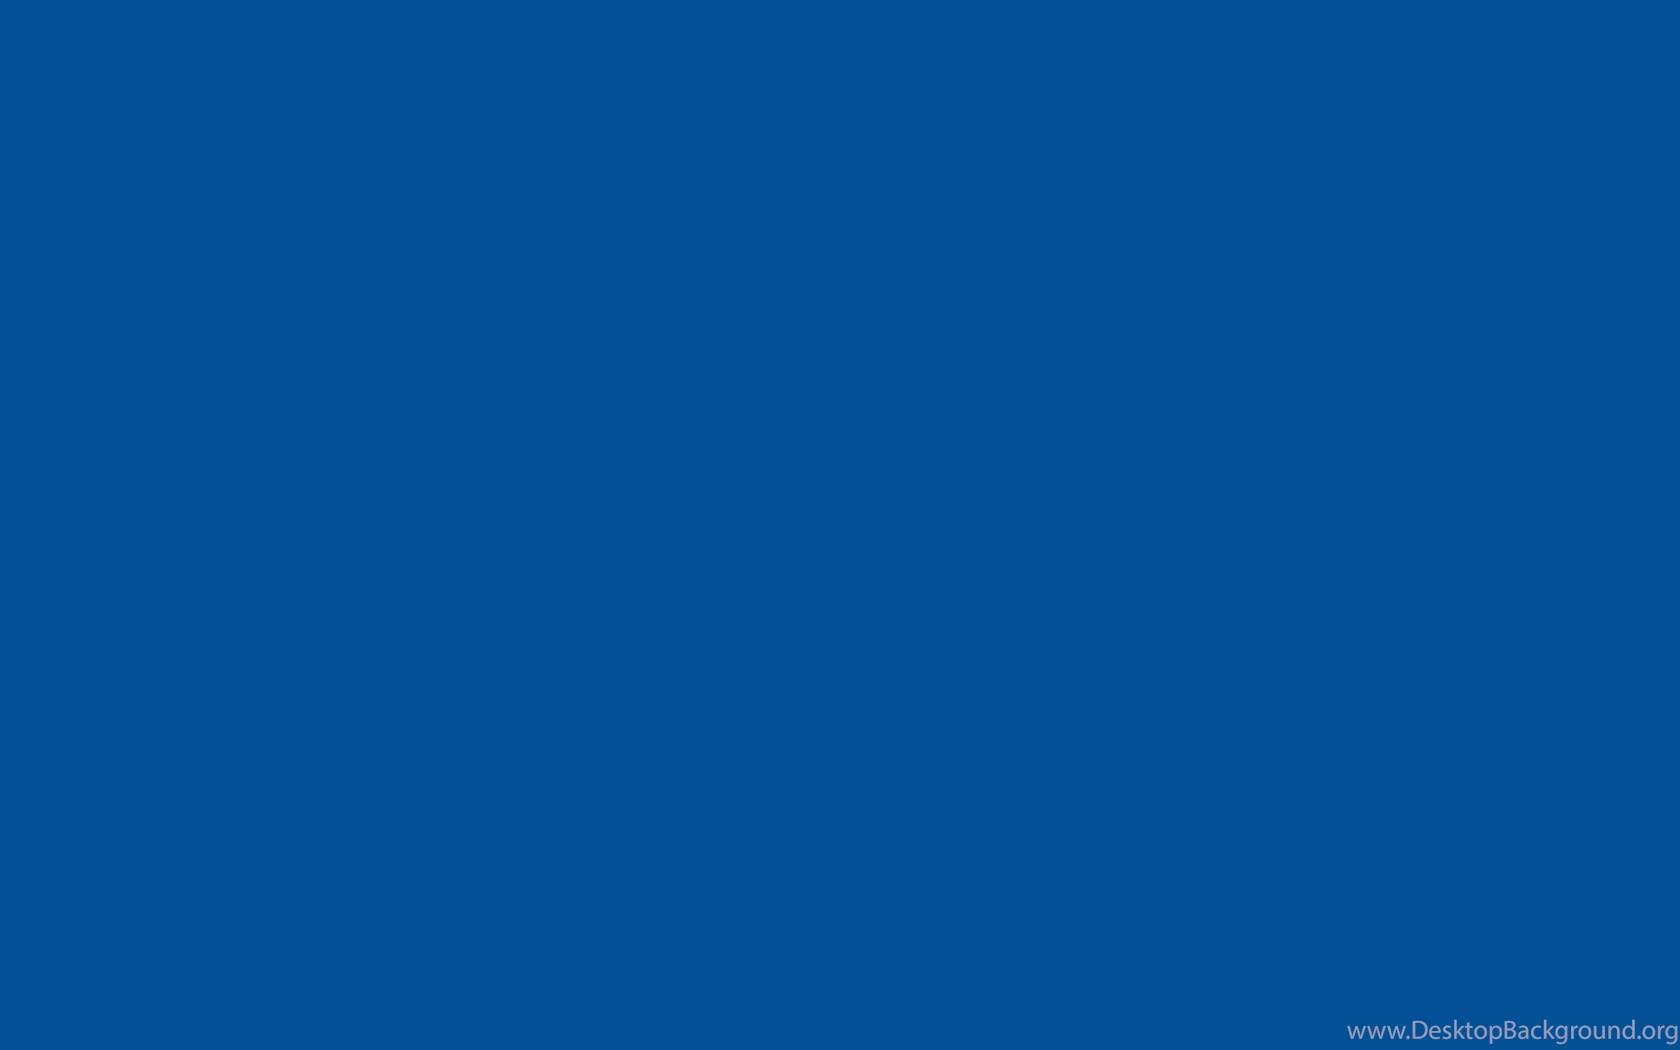 solid blue color wallpaper. desktop background